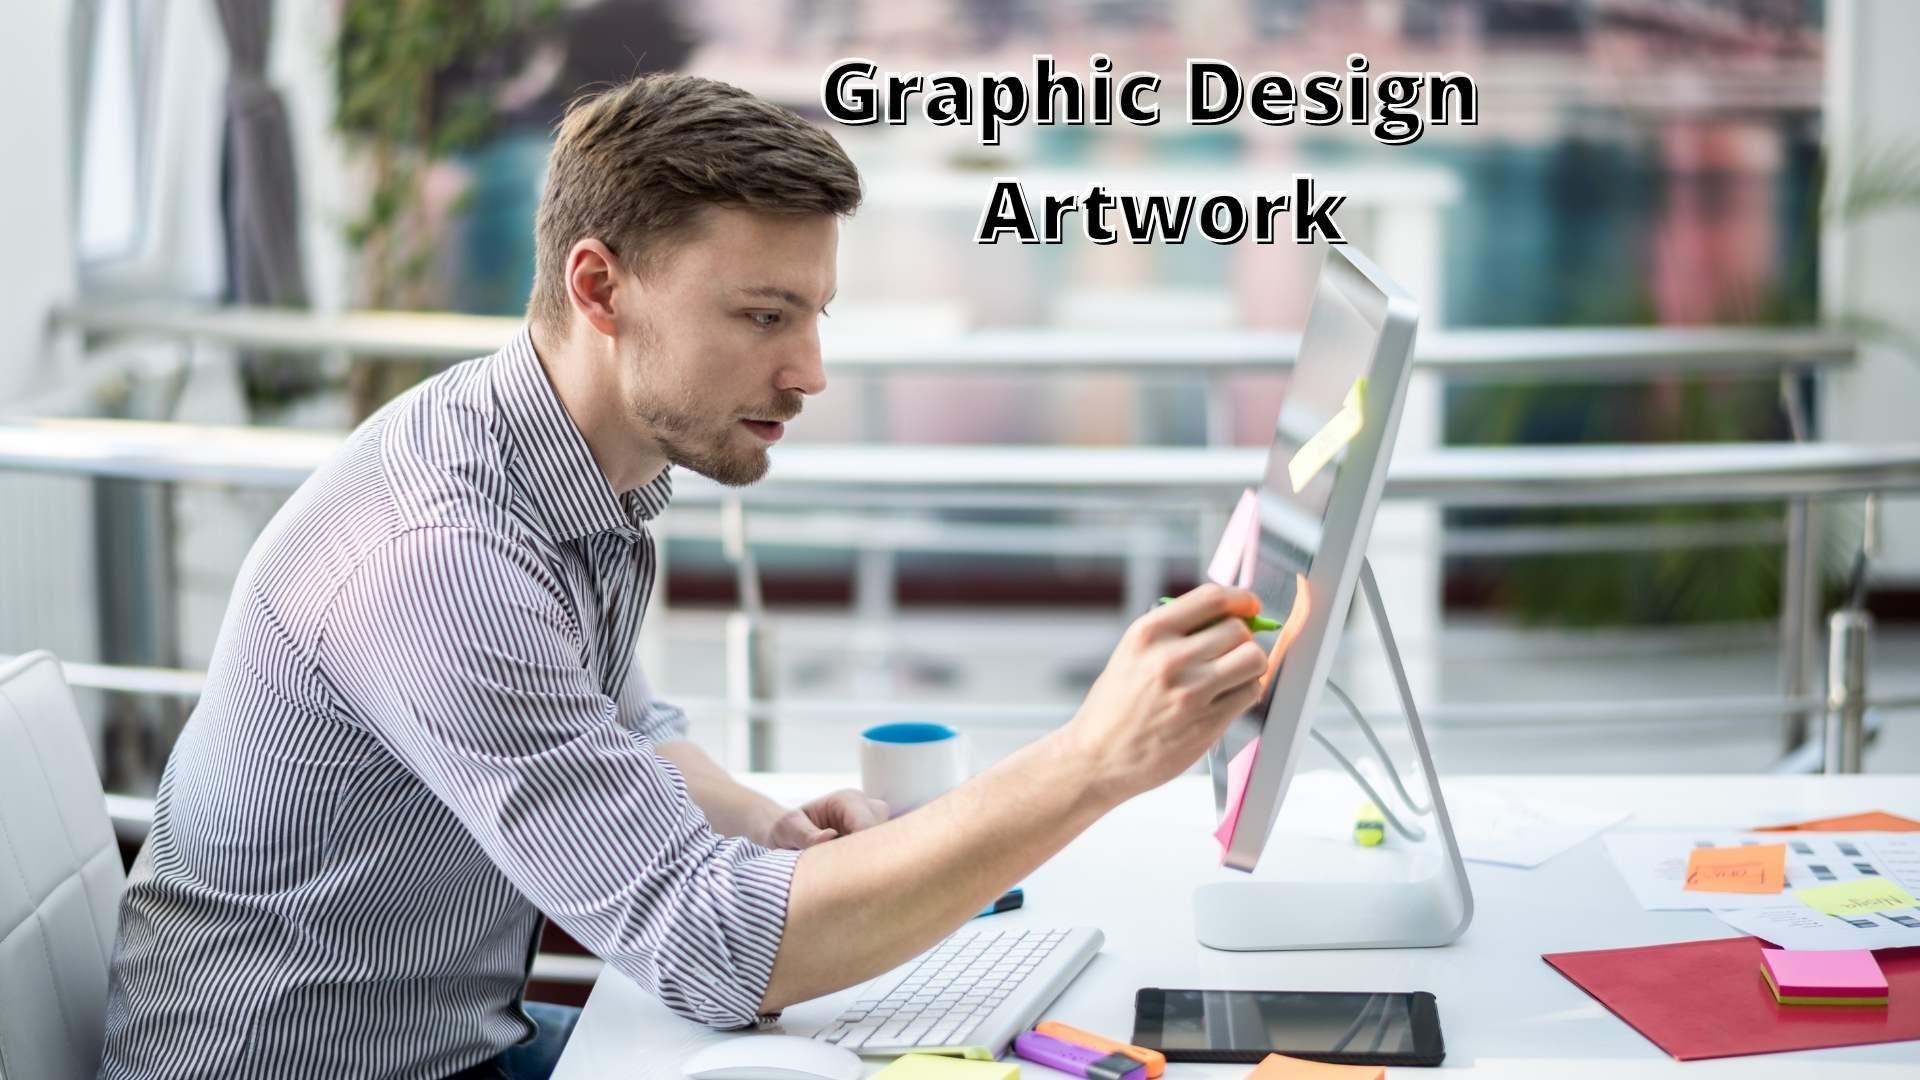 Graphic Design Artwork - A Modern Approach 8